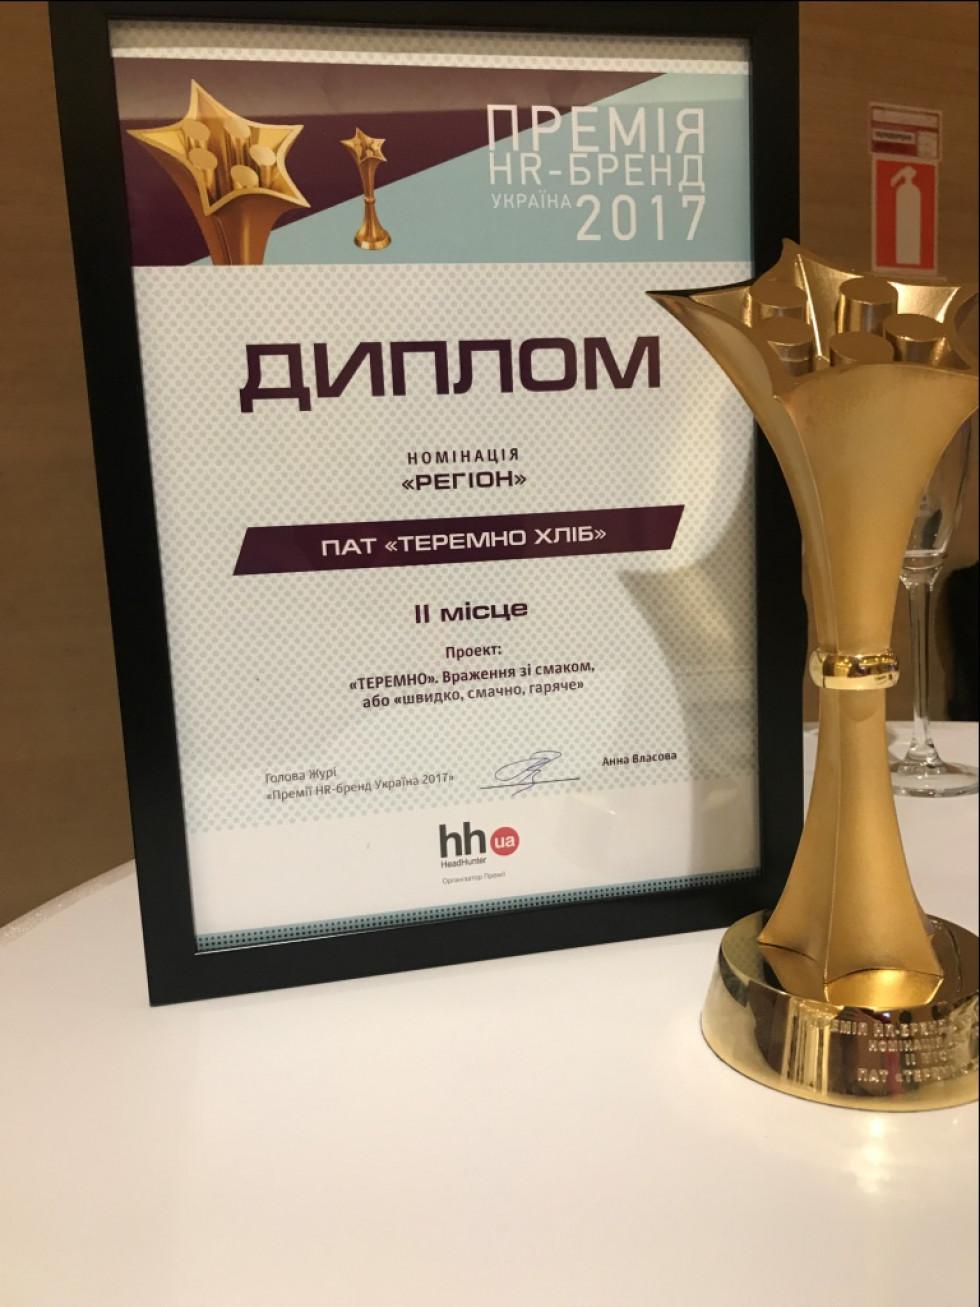 Кубок та грамота, які вручили компанії  «ТЕРЕМНО» на конкурсі HR-бренд 2017